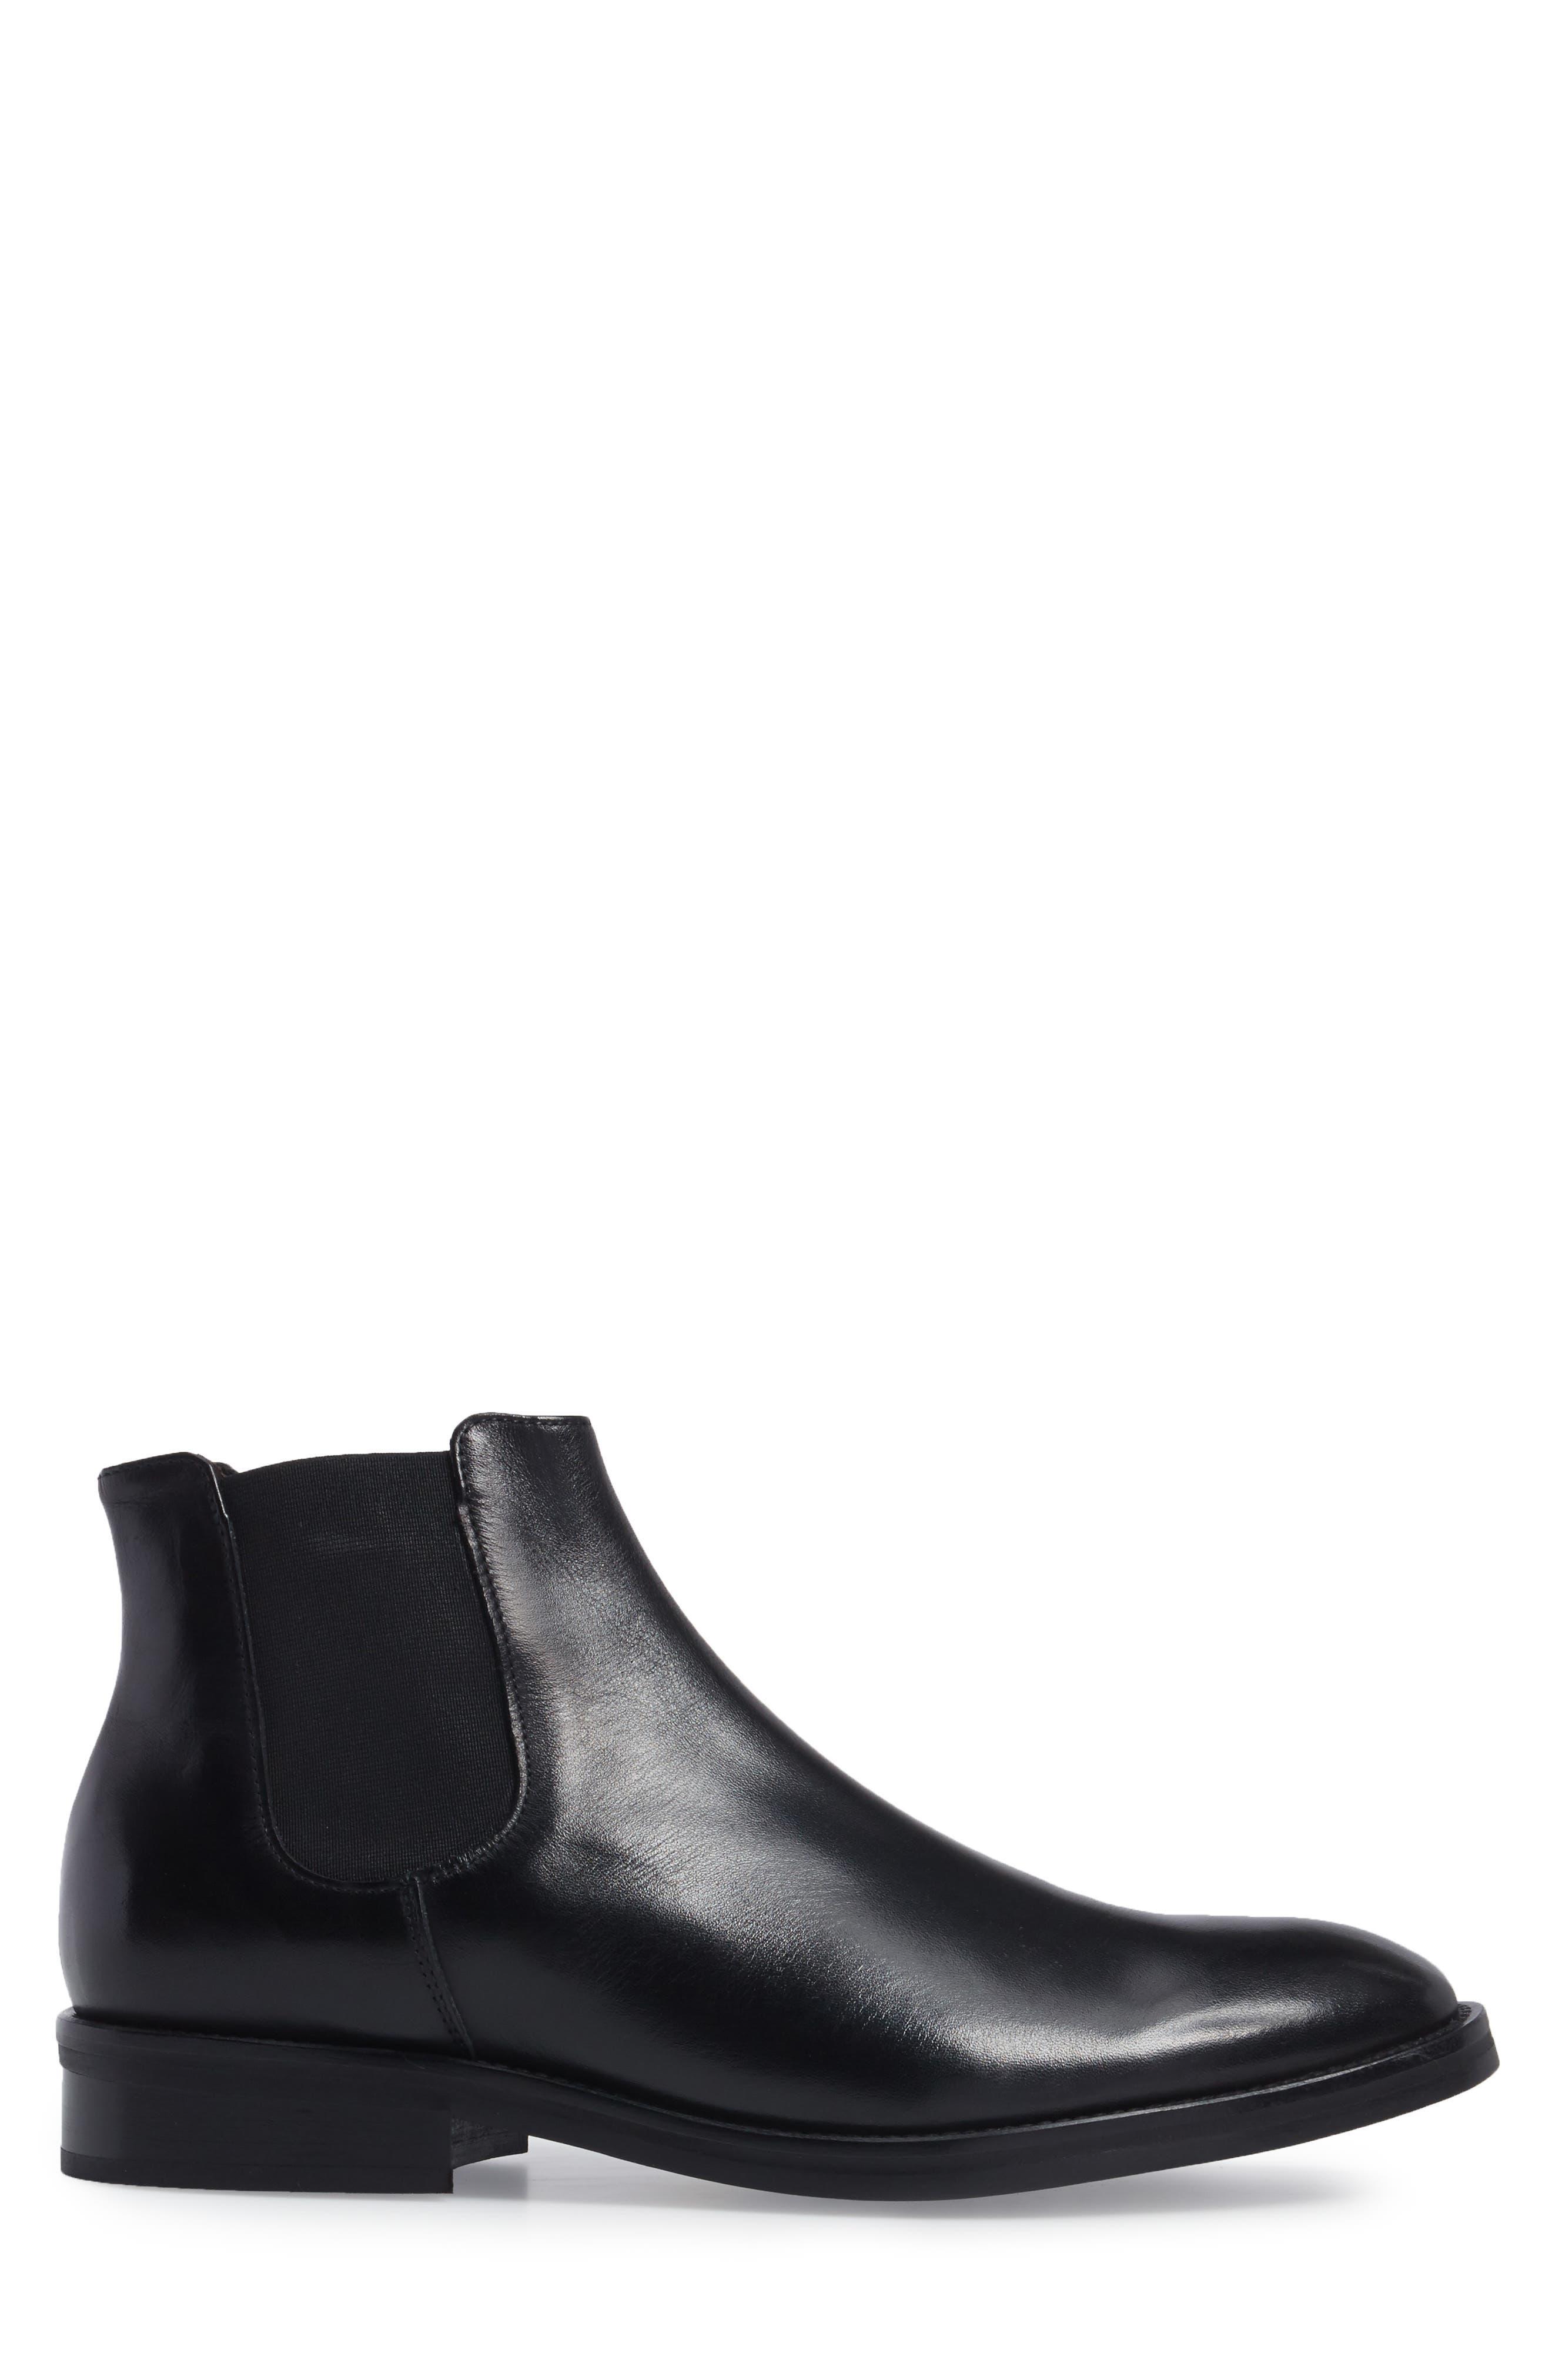 Finn Chelsea Boot,                             Alternate thumbnail 3, color,                             001